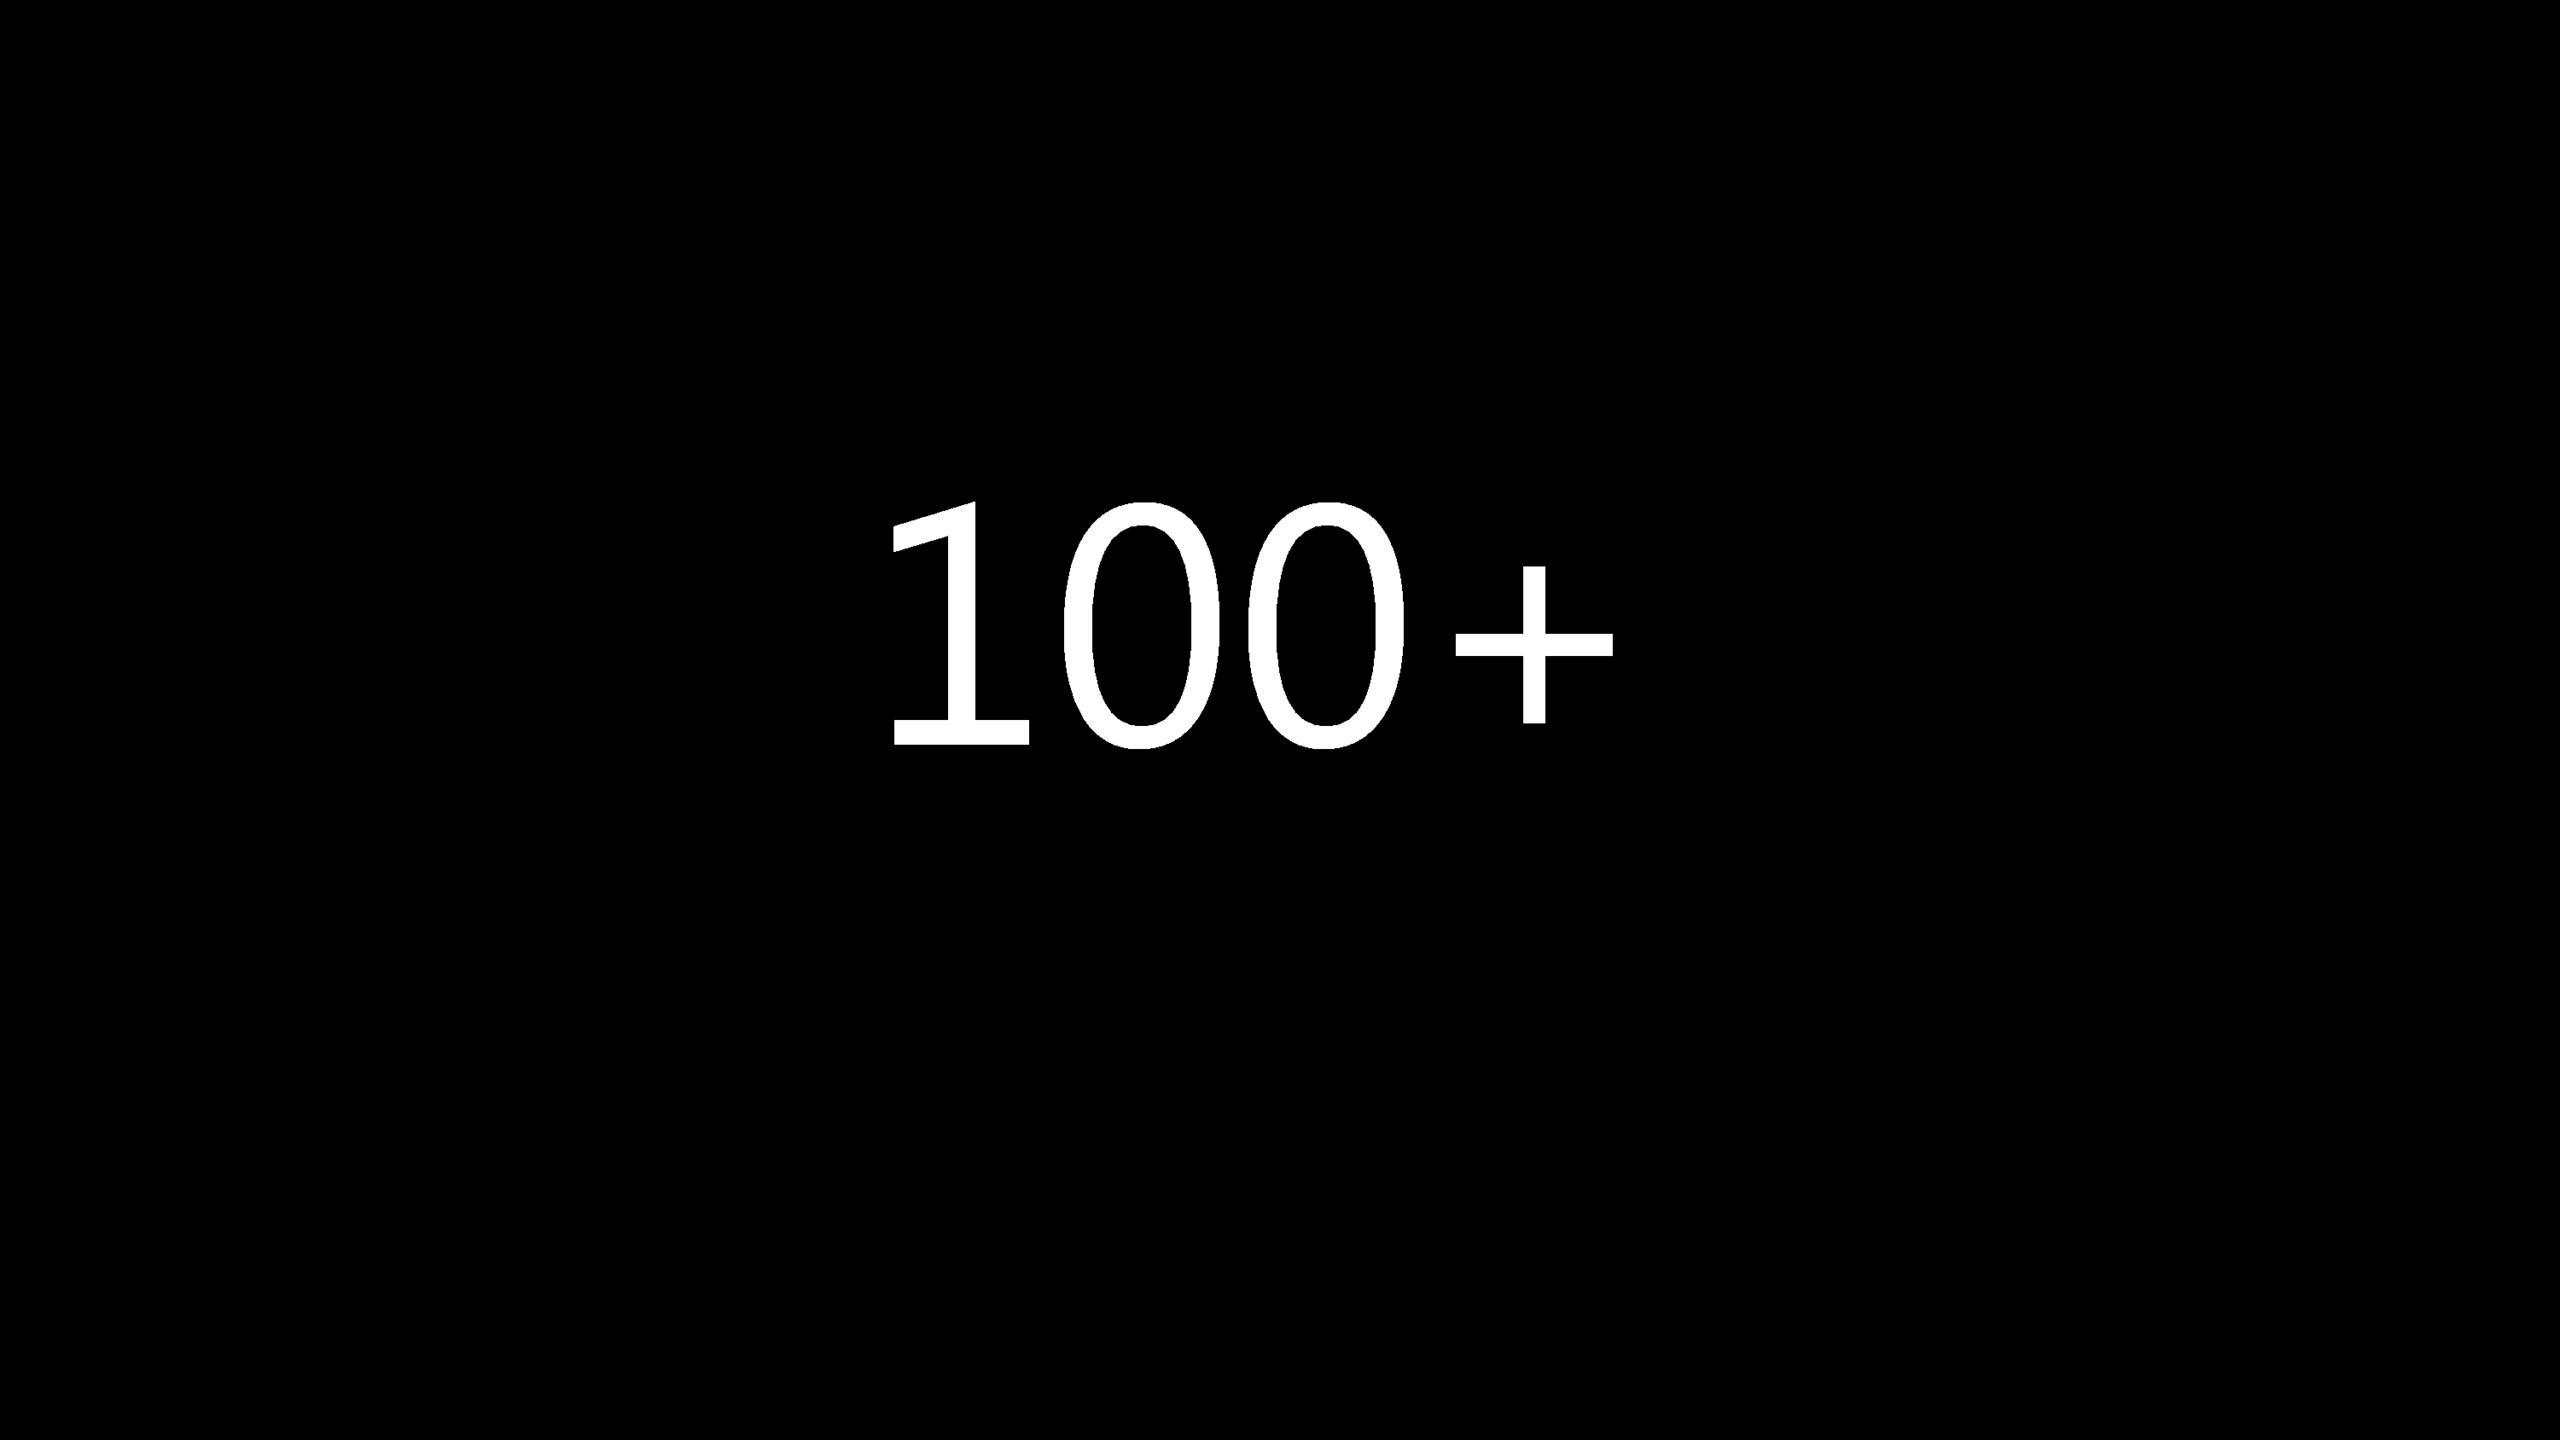 Περισσότερες από 100 ετικέτες